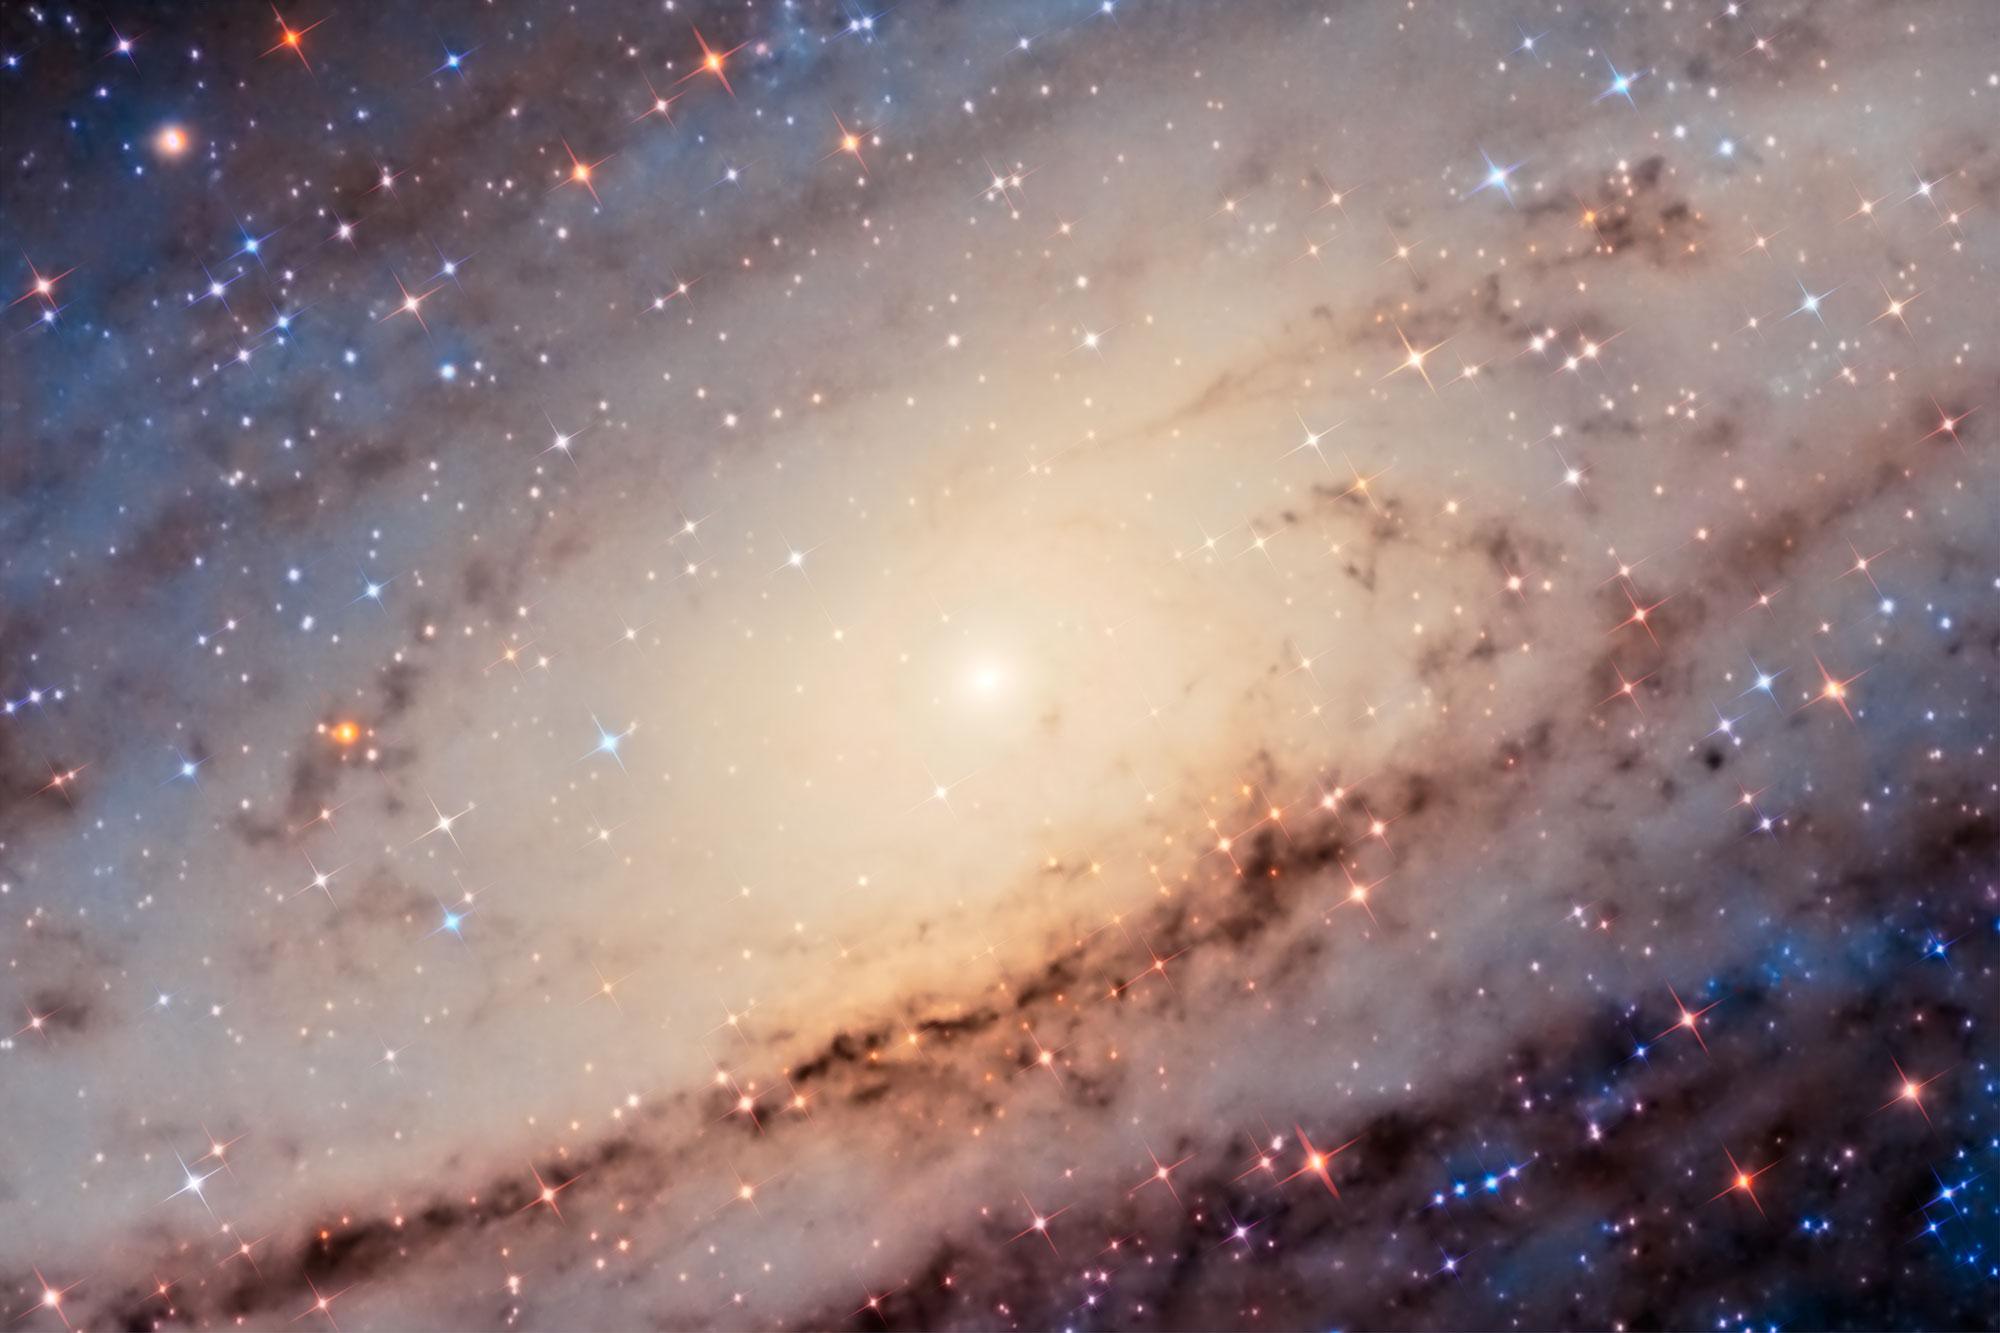 Hoger bewustzijn van andere ver ontwikkelde planeten en levensvormen ♥ Judith Loeffen ♥ Lichtwerkers Nederland